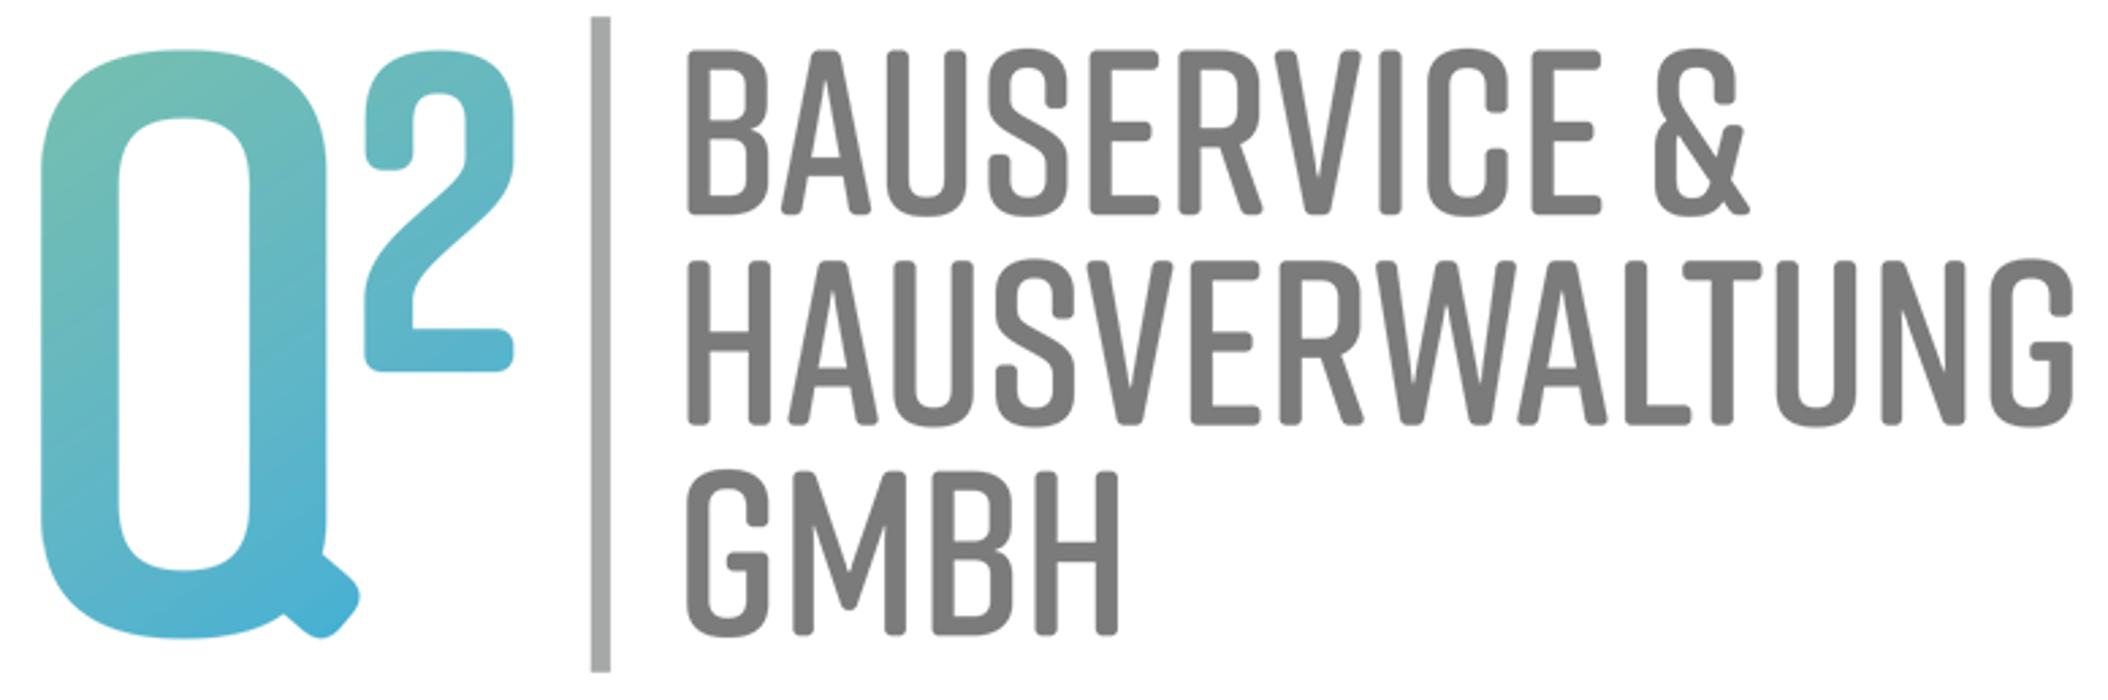 Bild zu Q2 - Bauservice & Hausverwaltung GmbH in Stuttgart